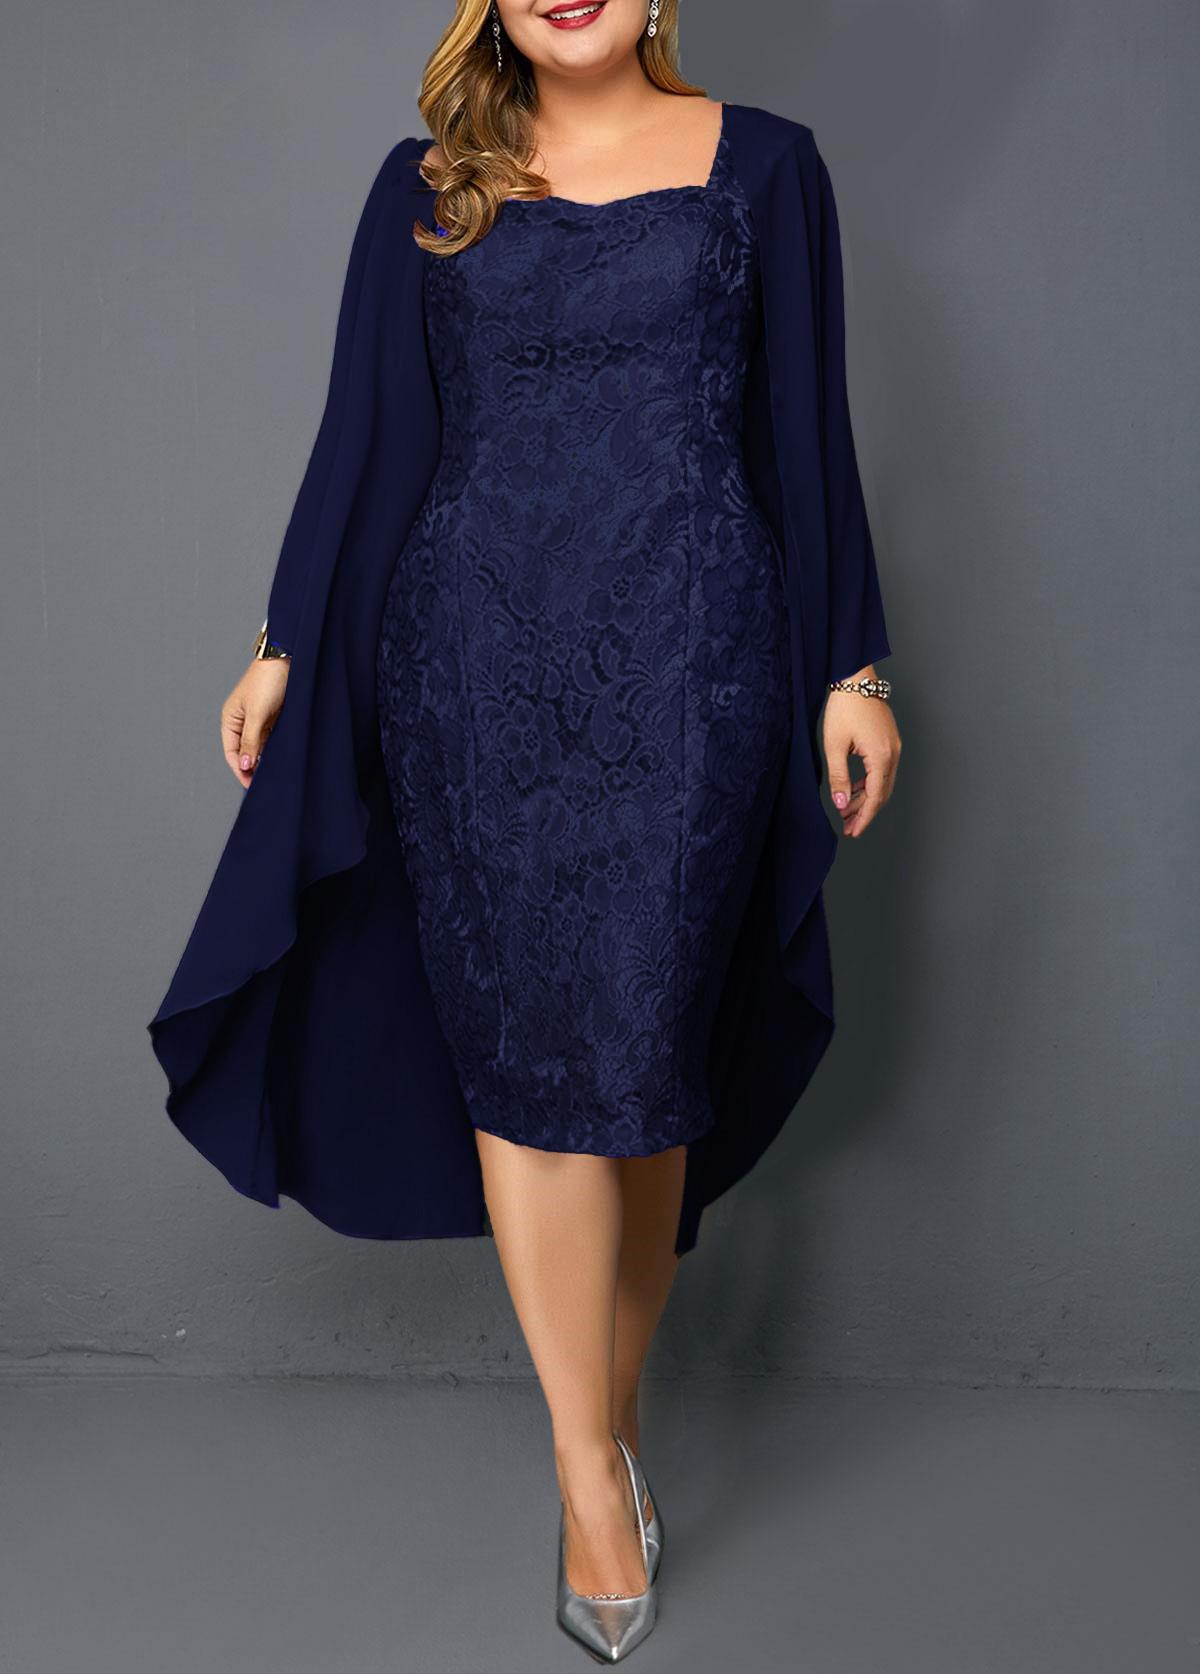 Plus Size Chiffon Cardigan and Sleeveless Royal Blue Lace Dress